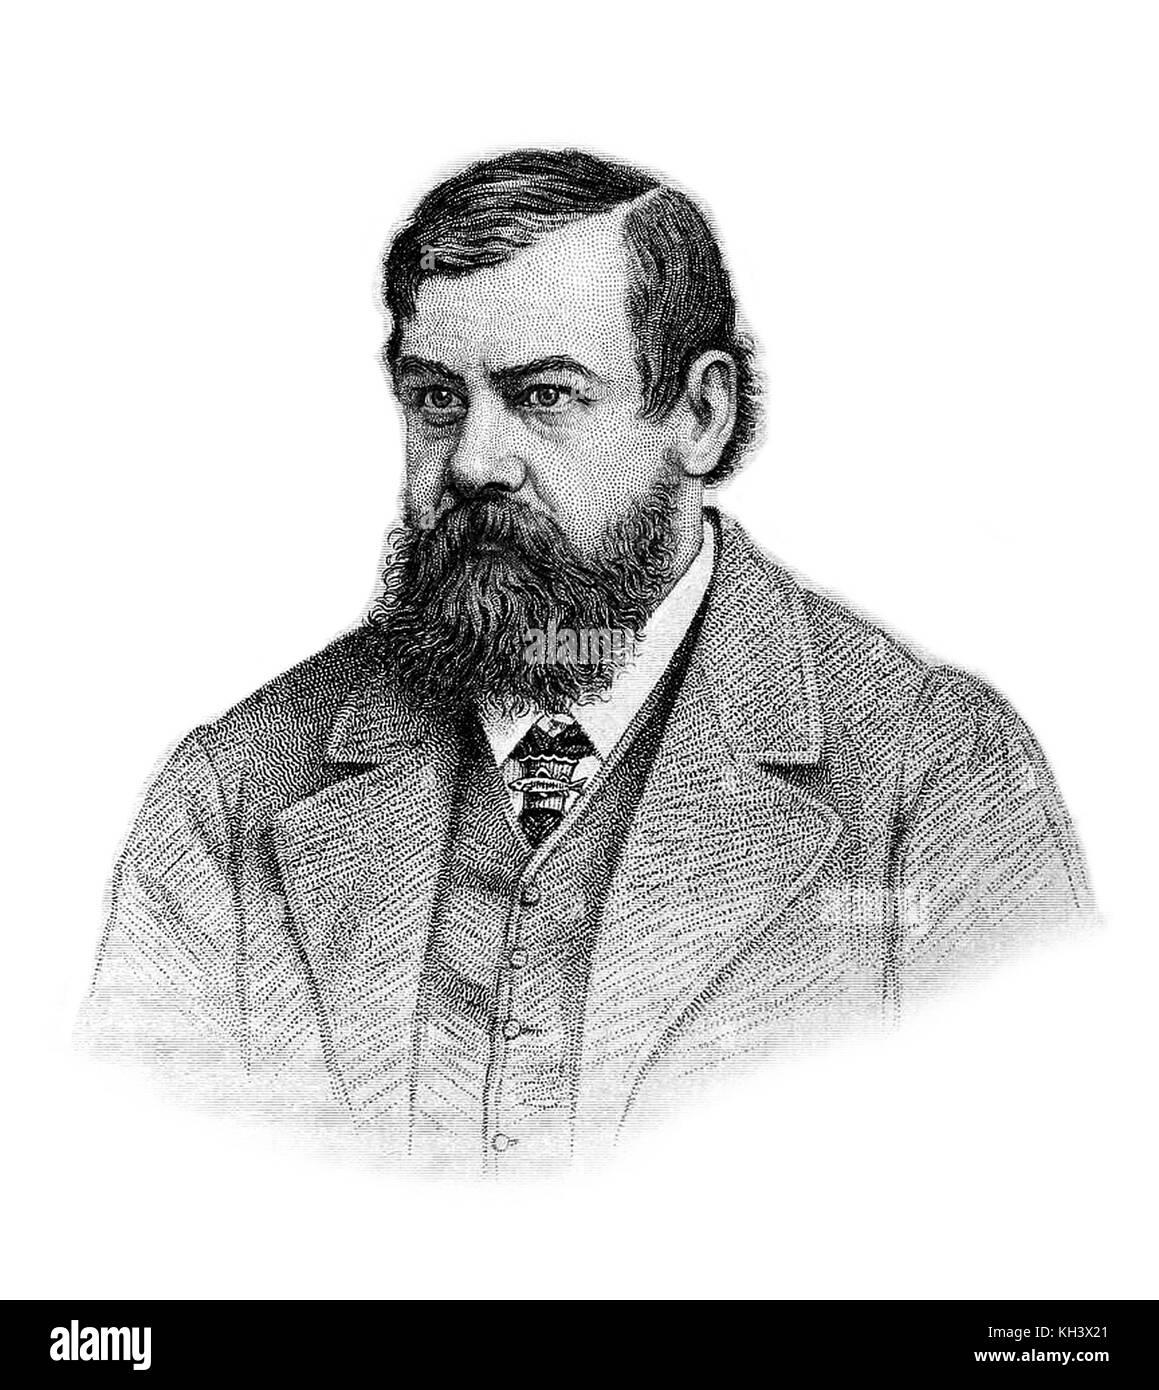 Francesco trevelyan buckland, noto come frank buckland, chirurgo inglese, autore e storico naturale Immagini Stock